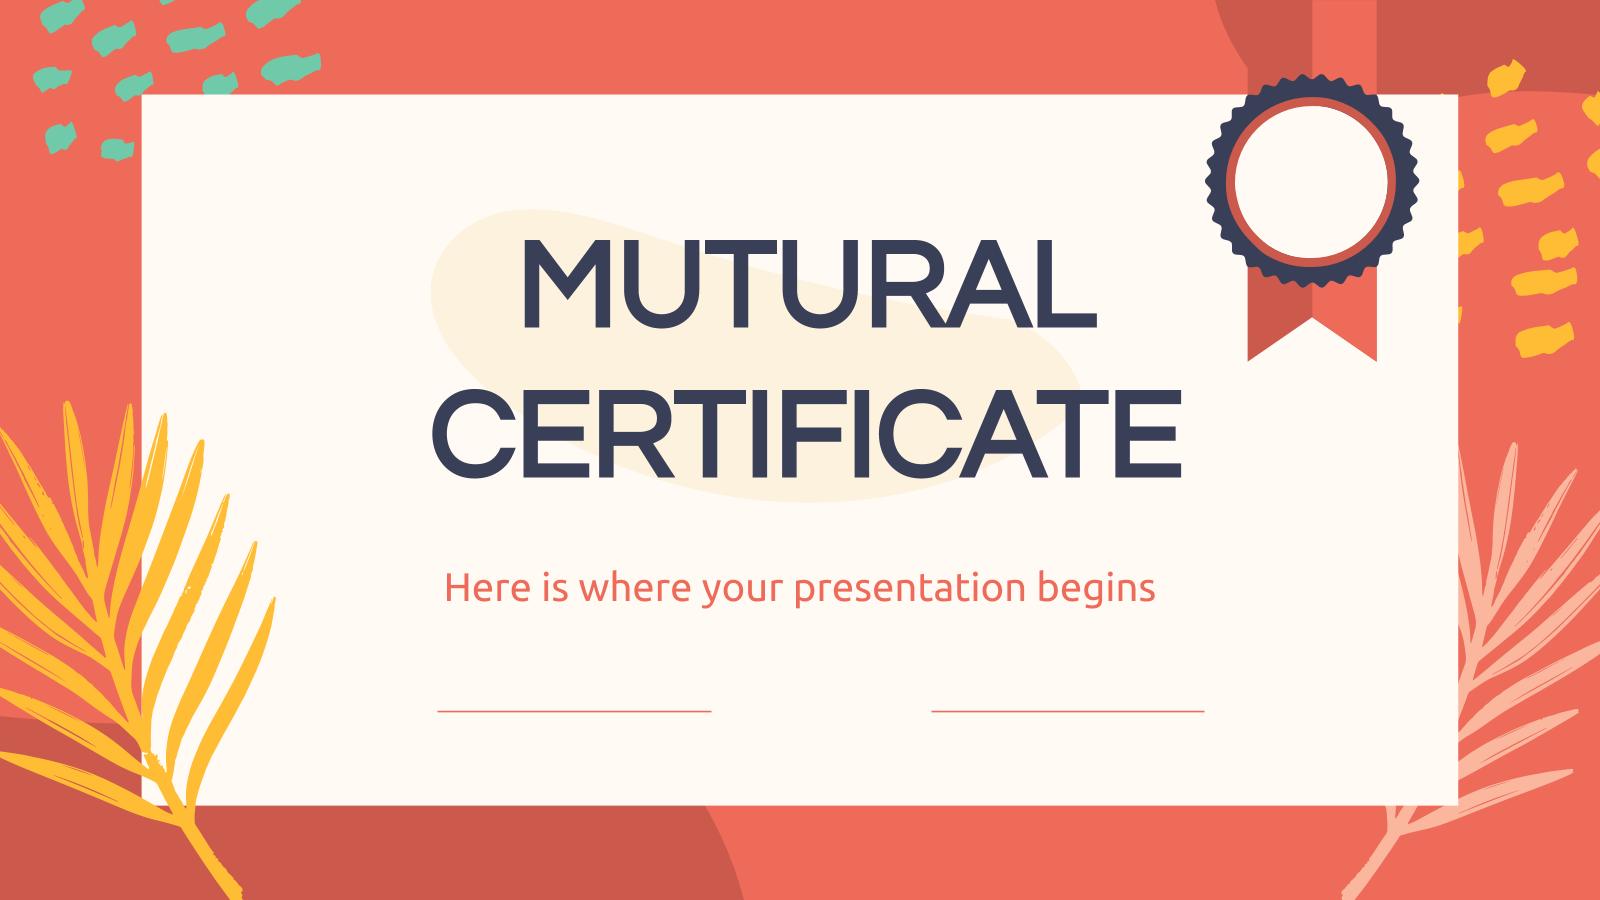 Modelo de apresentação Certificado Mutural